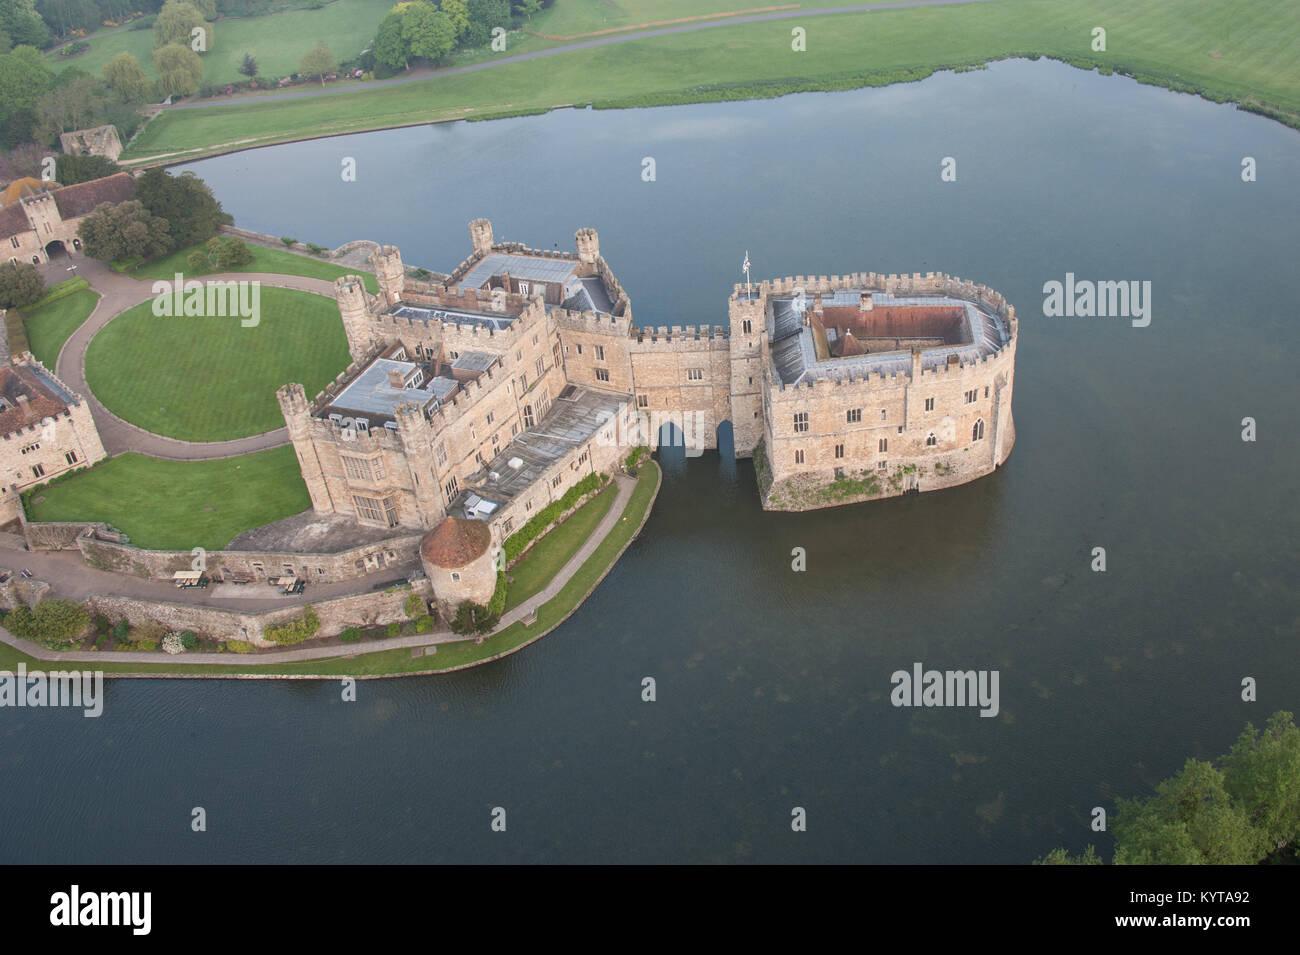 Il Castello di Leeds, vicino a Maidstone, Kent, Regno Unito viene osservata da una mongolfiera molto presto la mattina Immagini Stock